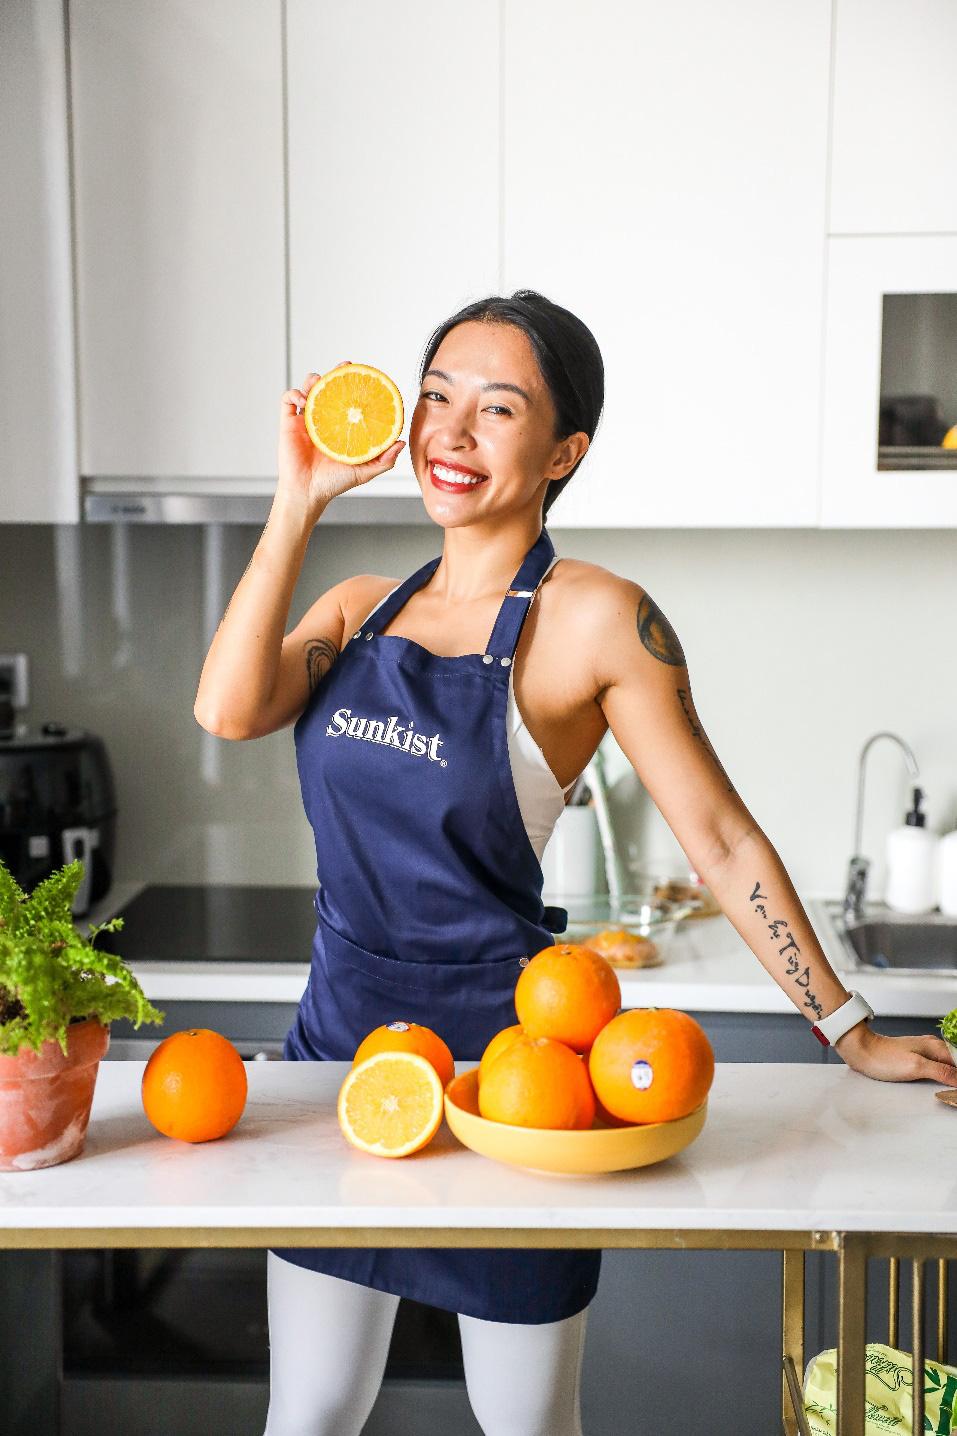 Lối sống cân bằng không khó như bạn nghĩ, Hana Giang Anh vừa tiết lộ bí quyết đơn giản trong ăn uống! - Ảnh 4.